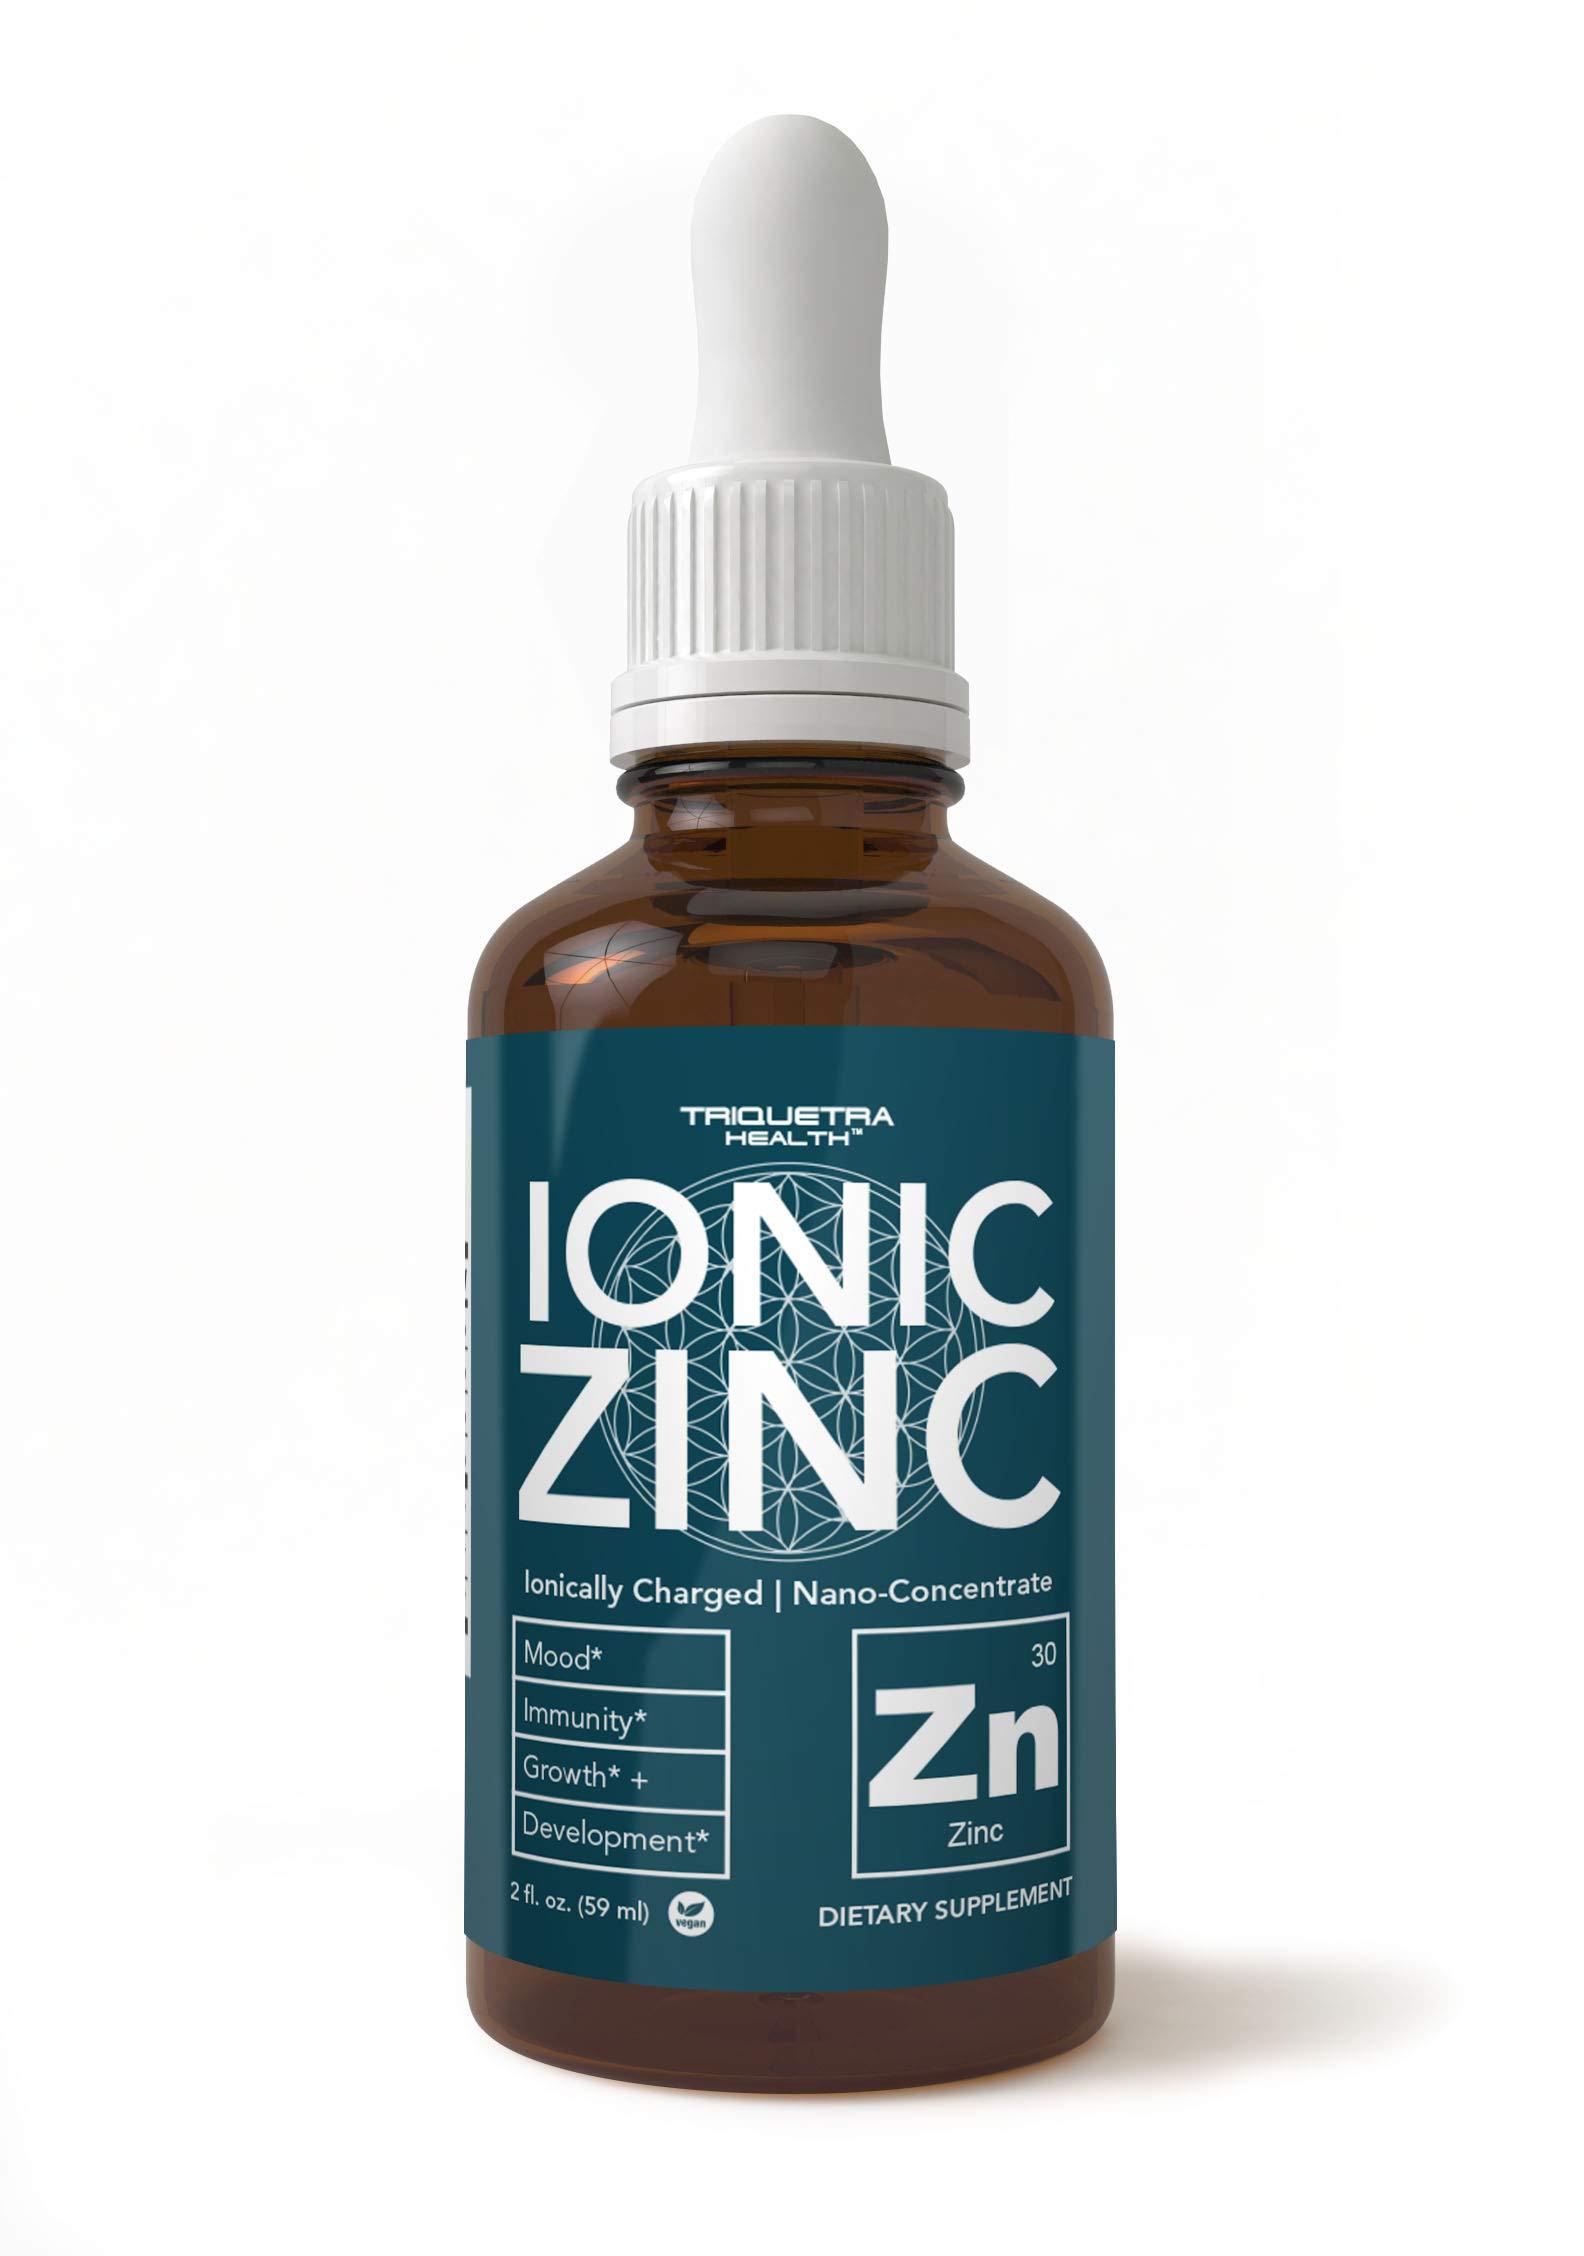 Zinc Supplement - Most Bioavailable Zinc – Ionically Charged, Nano-Concentrate & Essential Co-Factors – Liquid Zinc Sulfate Form Plus Zinc Copper Co-Factor – Ionic Zinc – 240 Servings